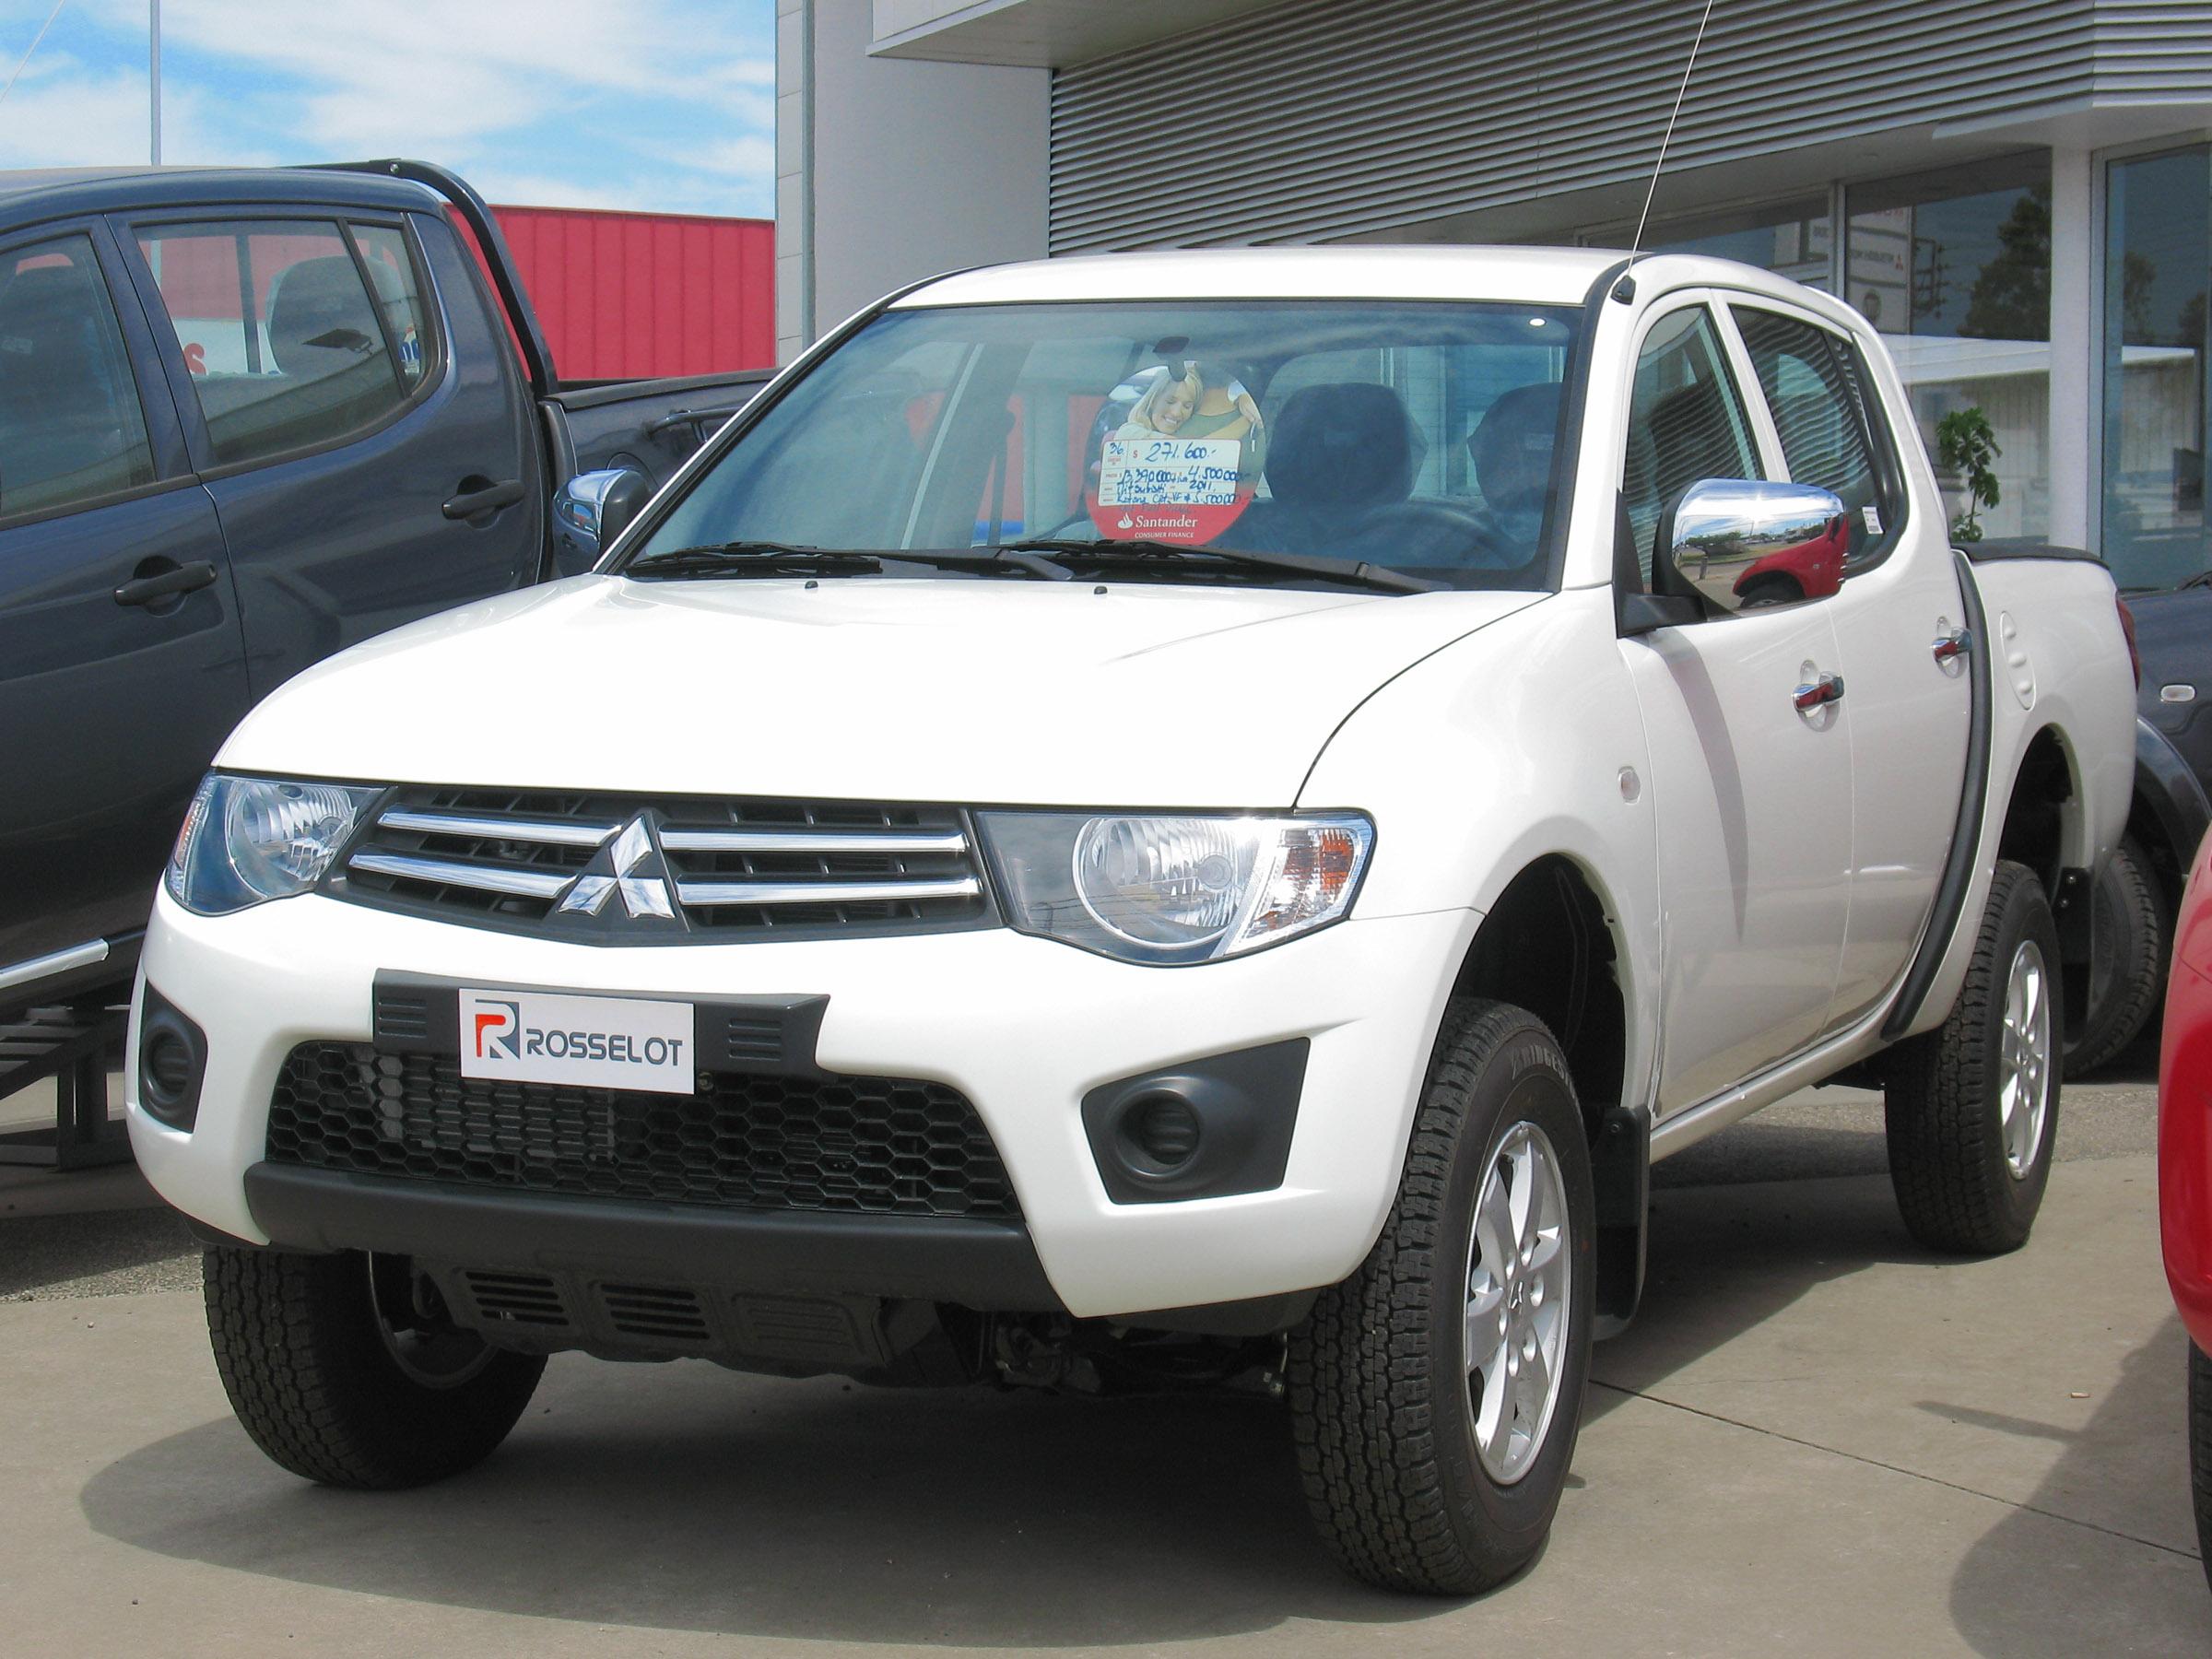 2011 Mitsubishi L200 Auto Bild Ideen Warrior Fuse Box Filemitsubishi Katana Crt Crew Cab 15613028619